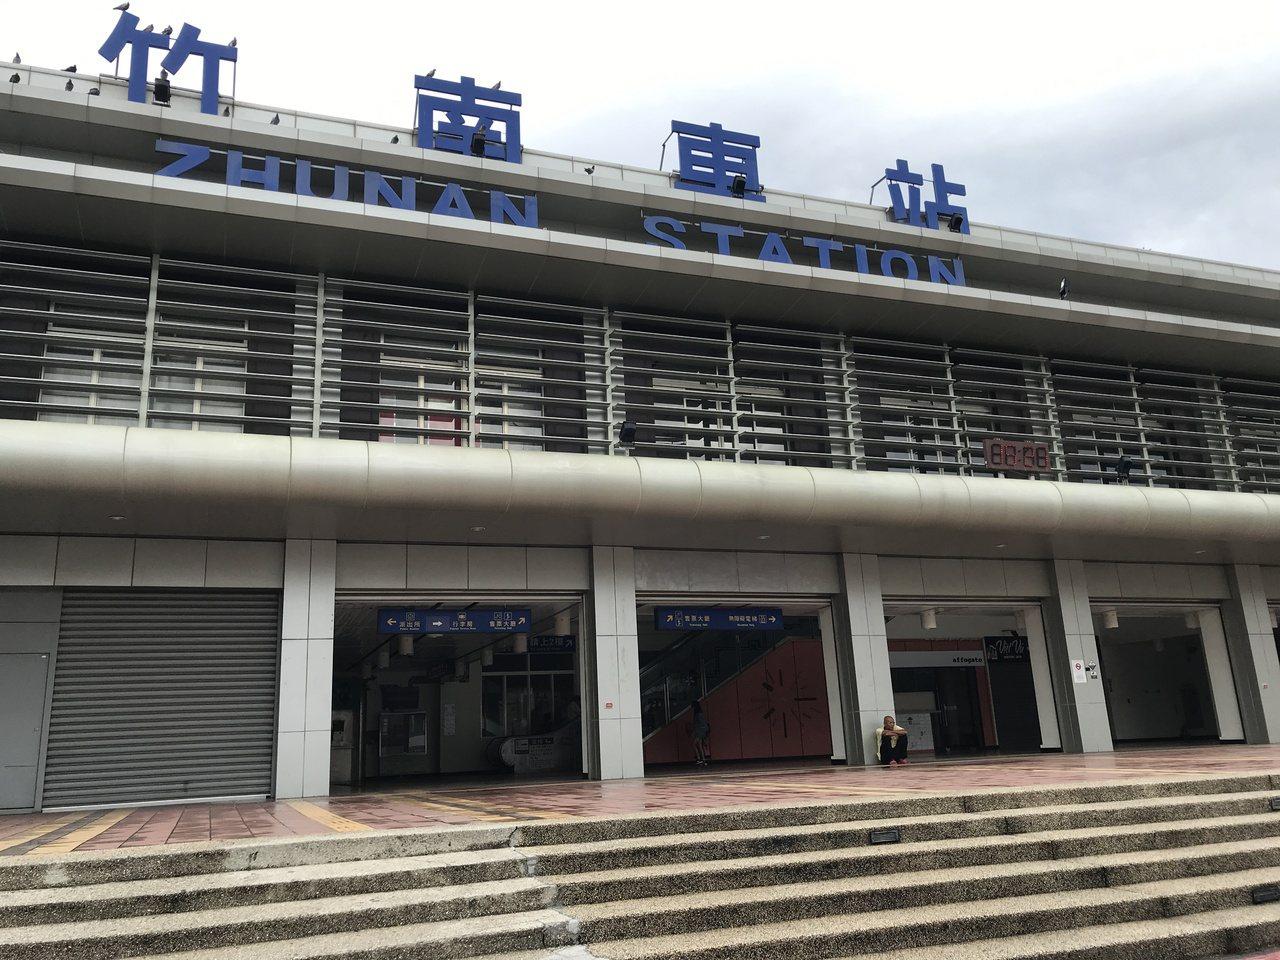 台鐵竹南站是山、海線分歧站,每天平均上下車旅客約有1萬2千人,是苗栗縣內重要交通...